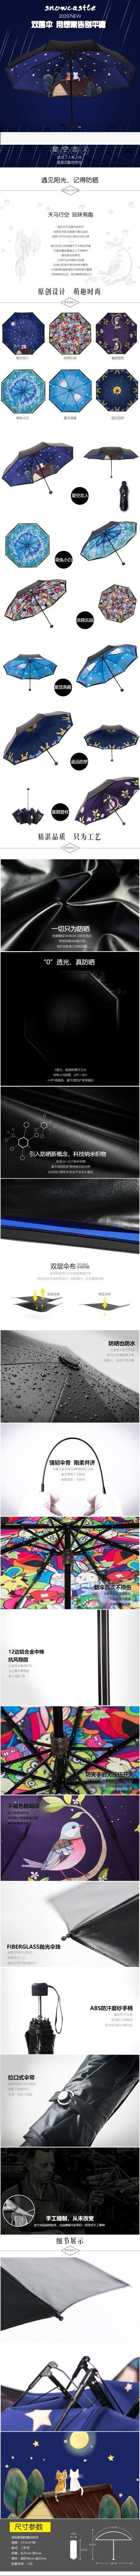 简约大气百货零售家居生活双层雨伞促销电商详情页